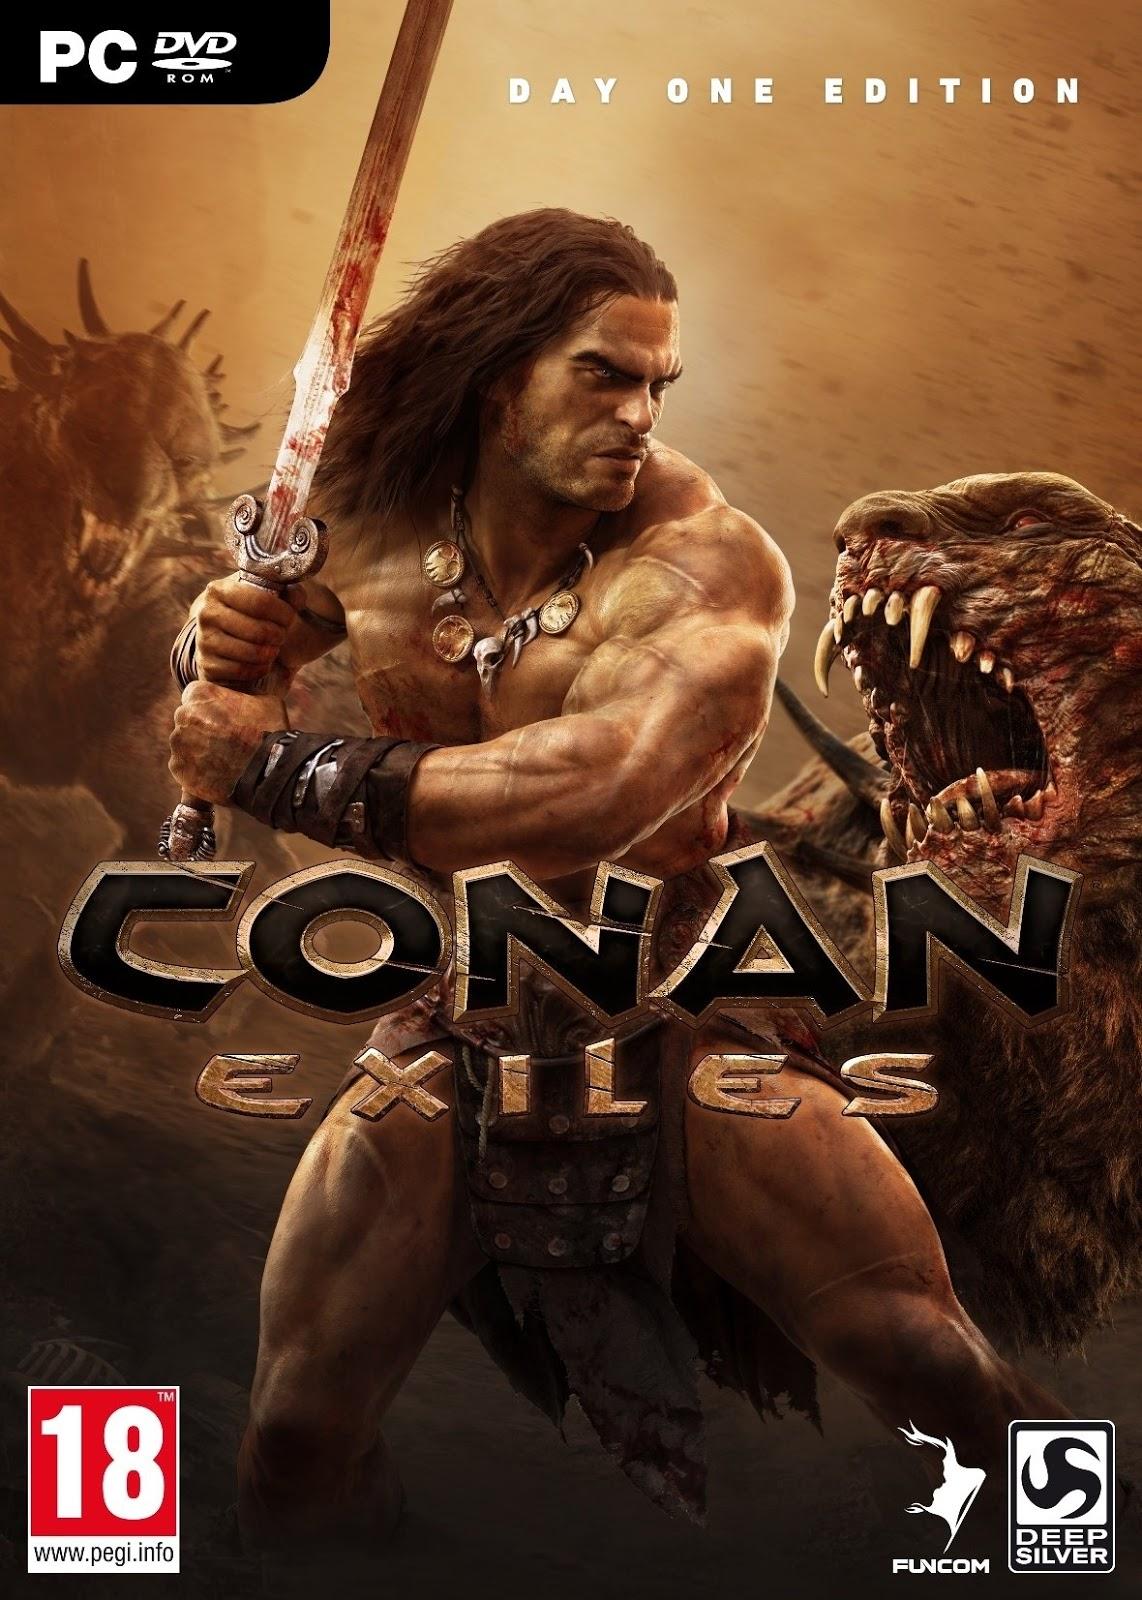 Descargar Conan Exiles PC ESPAÑOL